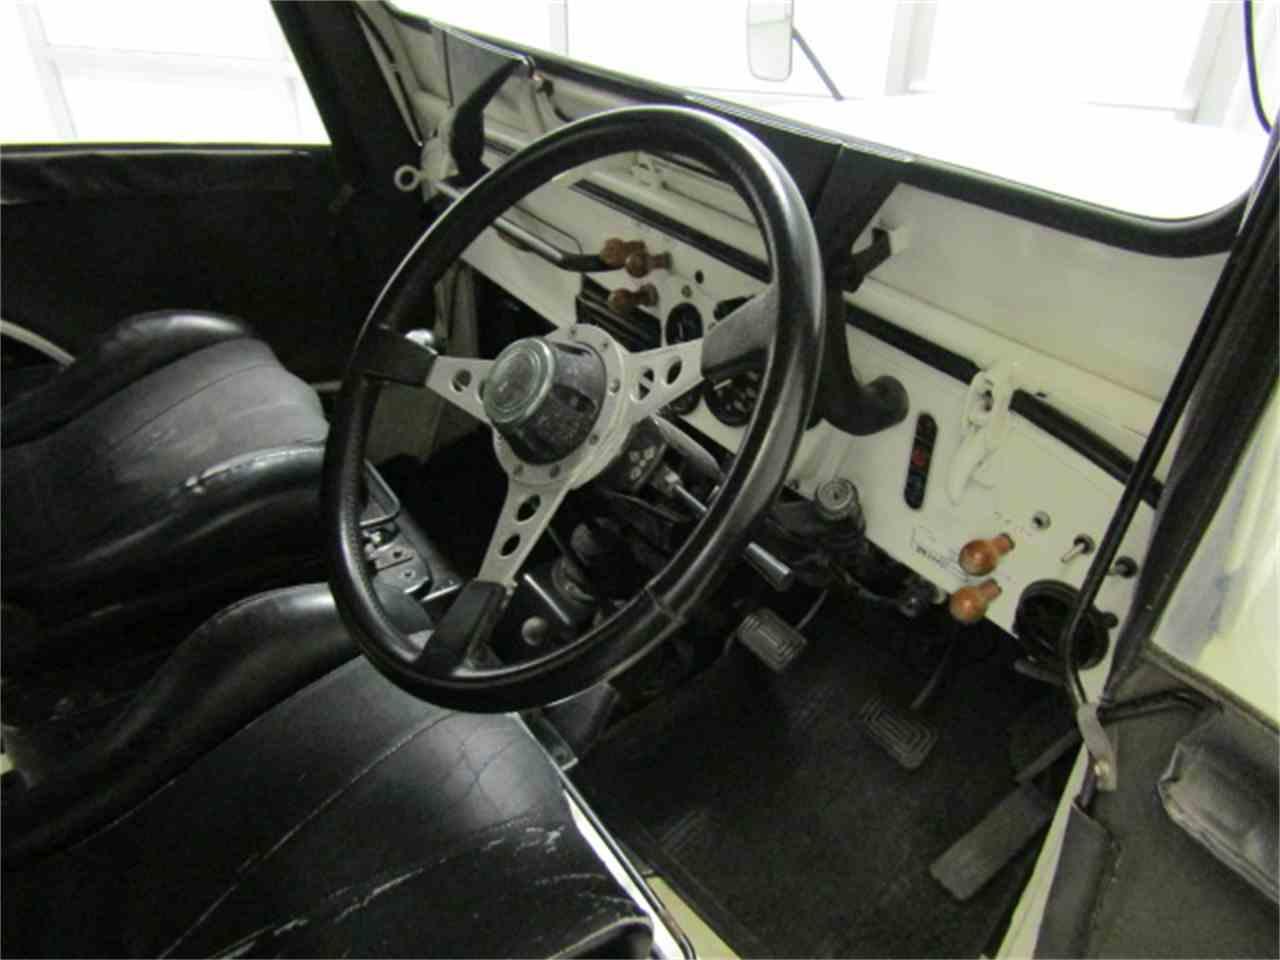 Large Picture of '91 Mitsubishi Jeep - $6,900.00 - KF6X